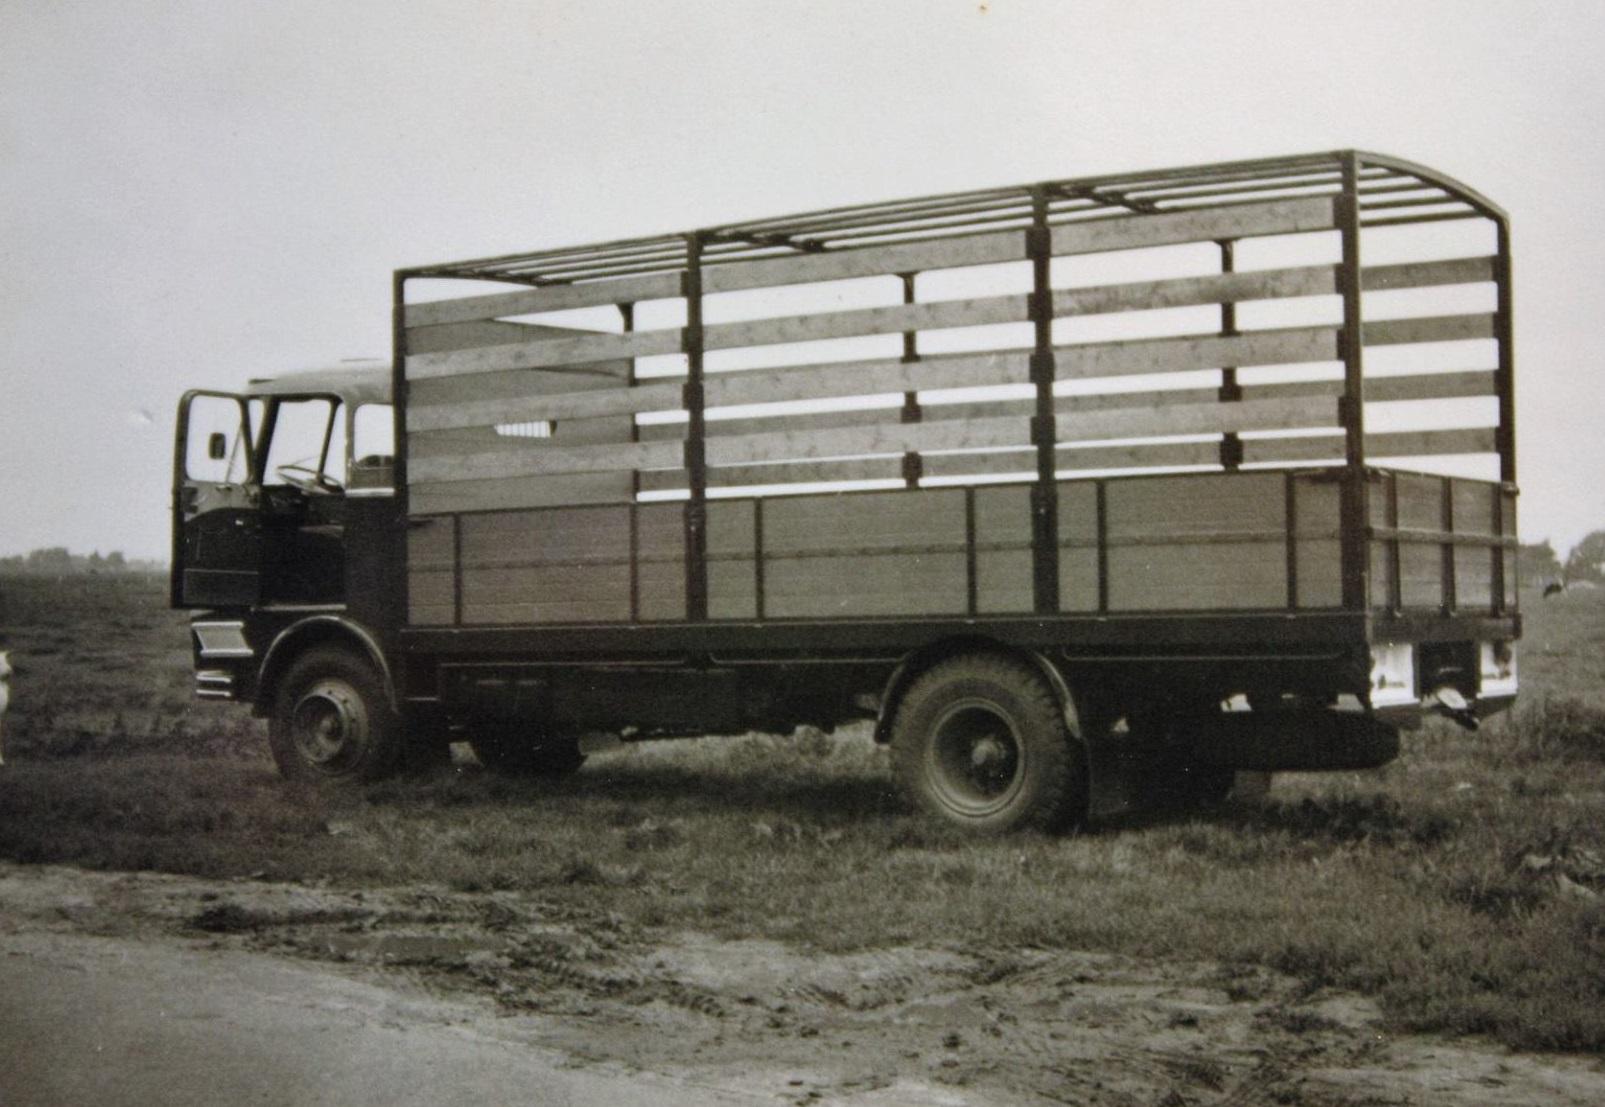 Scania-Vabis-vrachtauto-s-die-ook-door-Rondaan-in-Beetgum-zijn-opgebouwd-voor-Internationaal-Transportbedrijf-Althuisius-uit-Tzummarum-en-Franeke-1